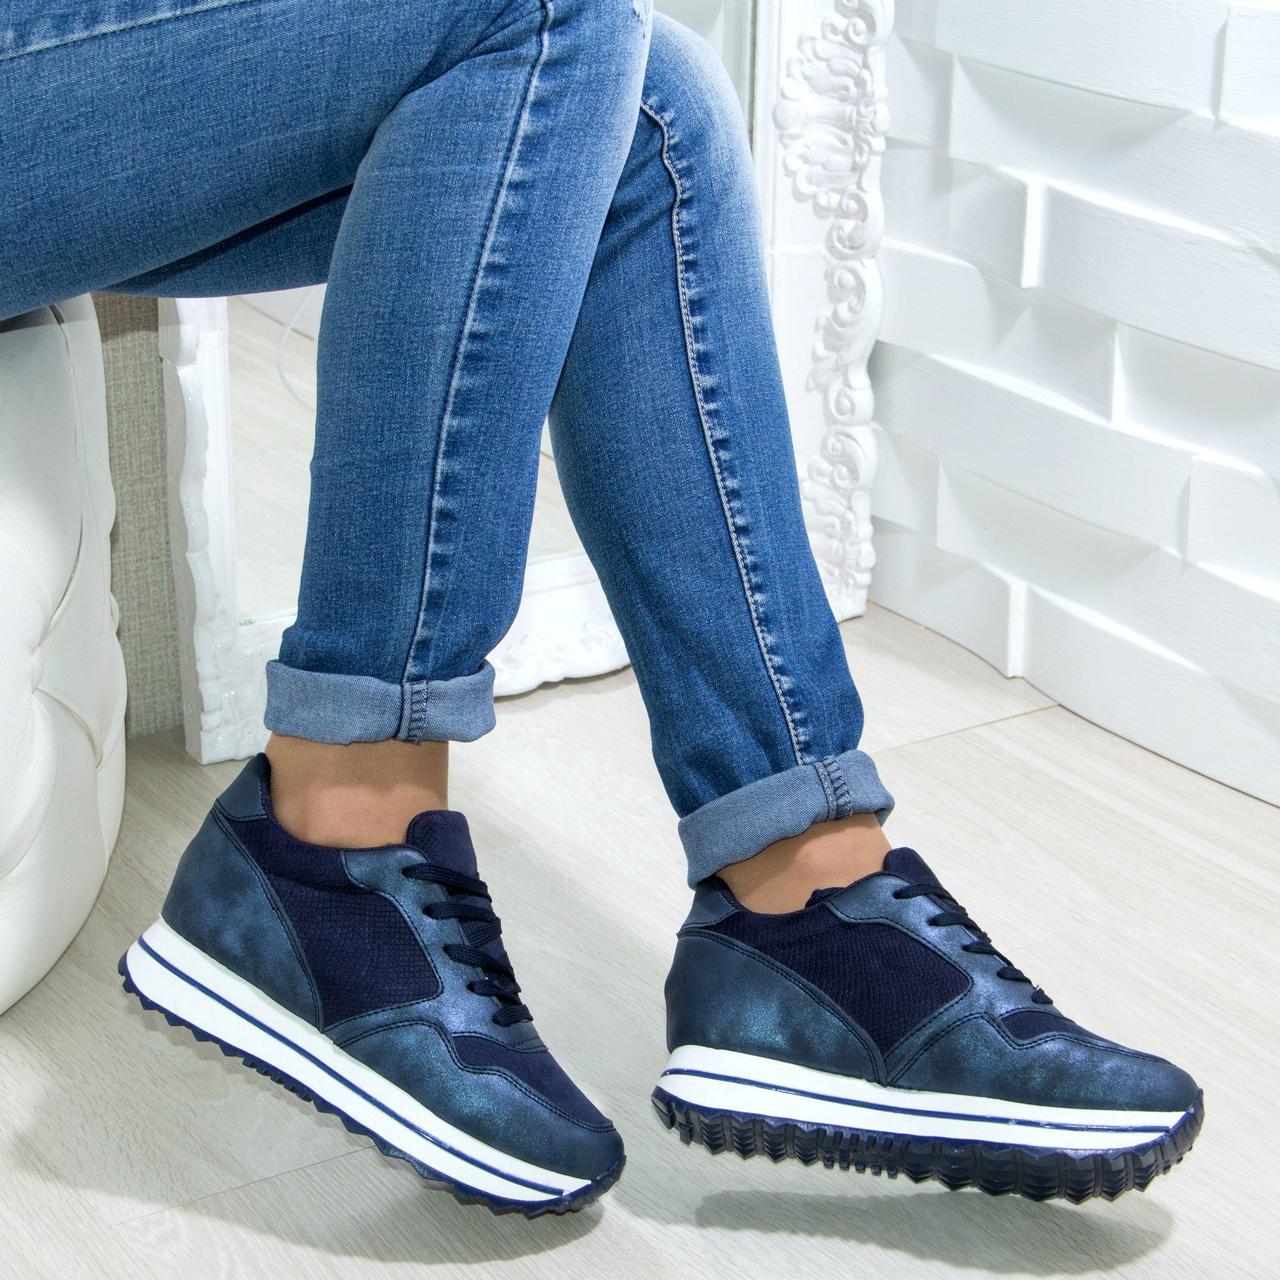 d17eec703443 Крутые кроссовки на высокой подошве Материал: эко кожа с синим напылением +  эко ...